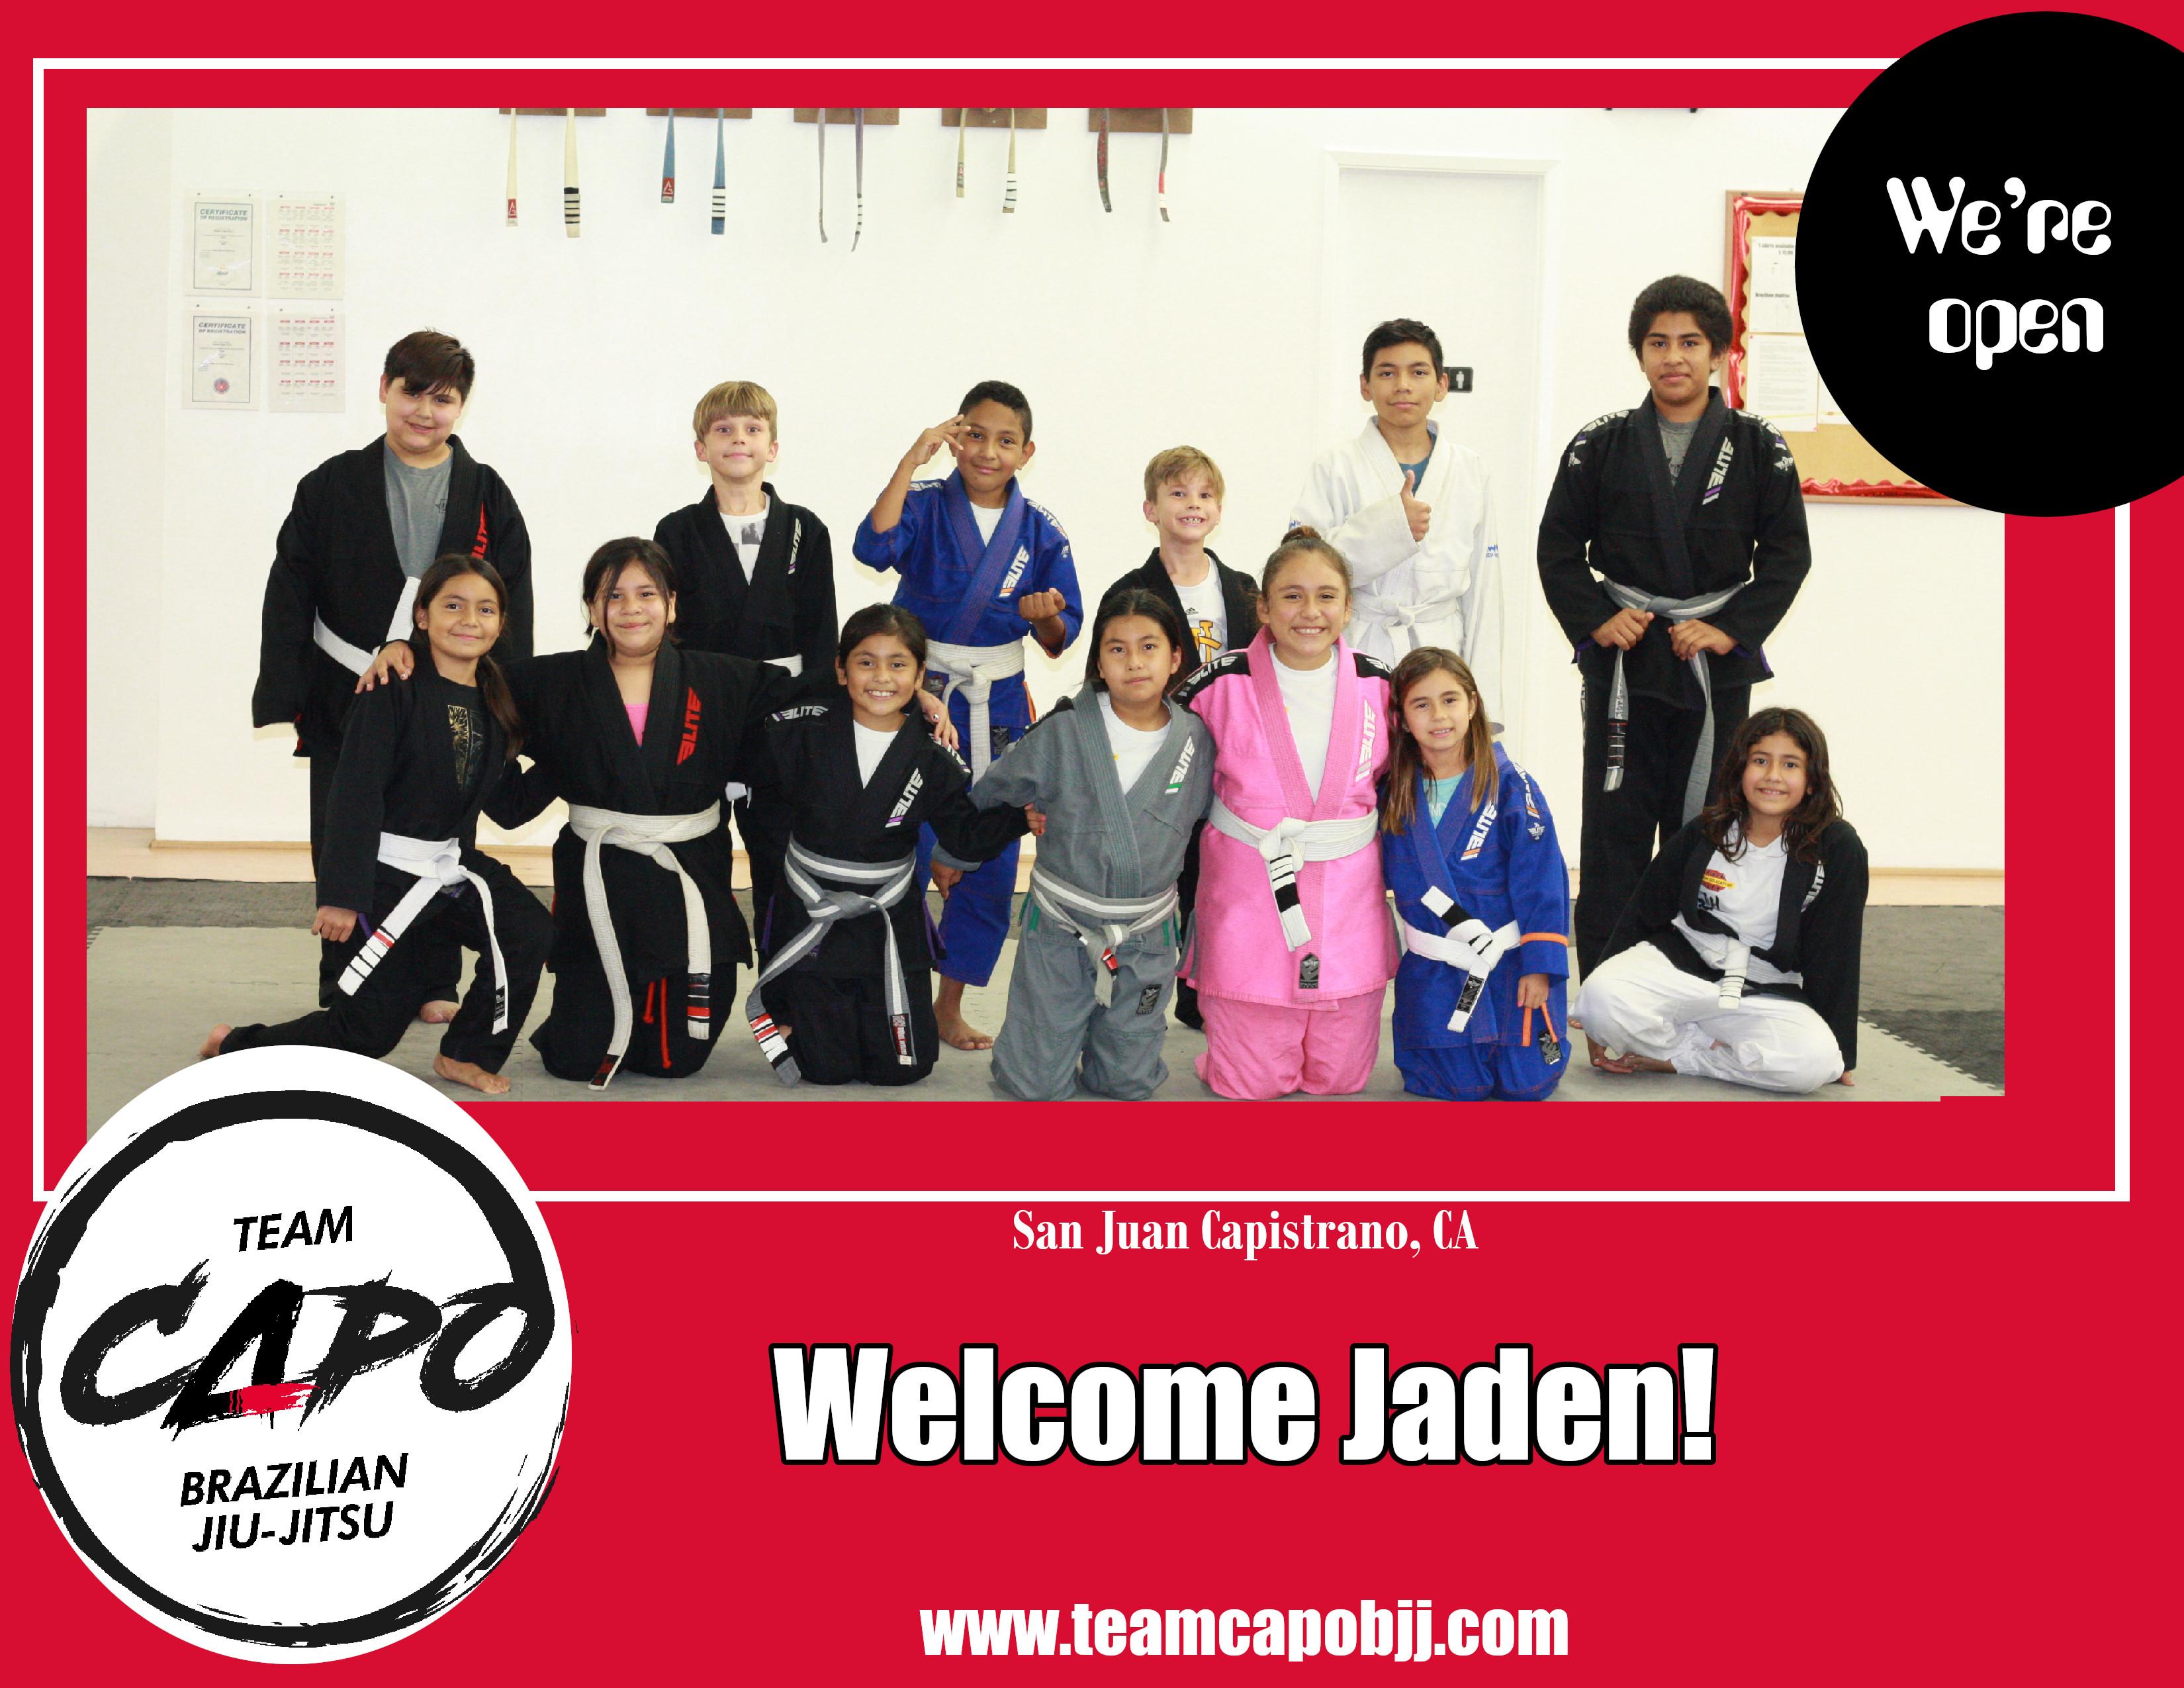 Welcome Jaden